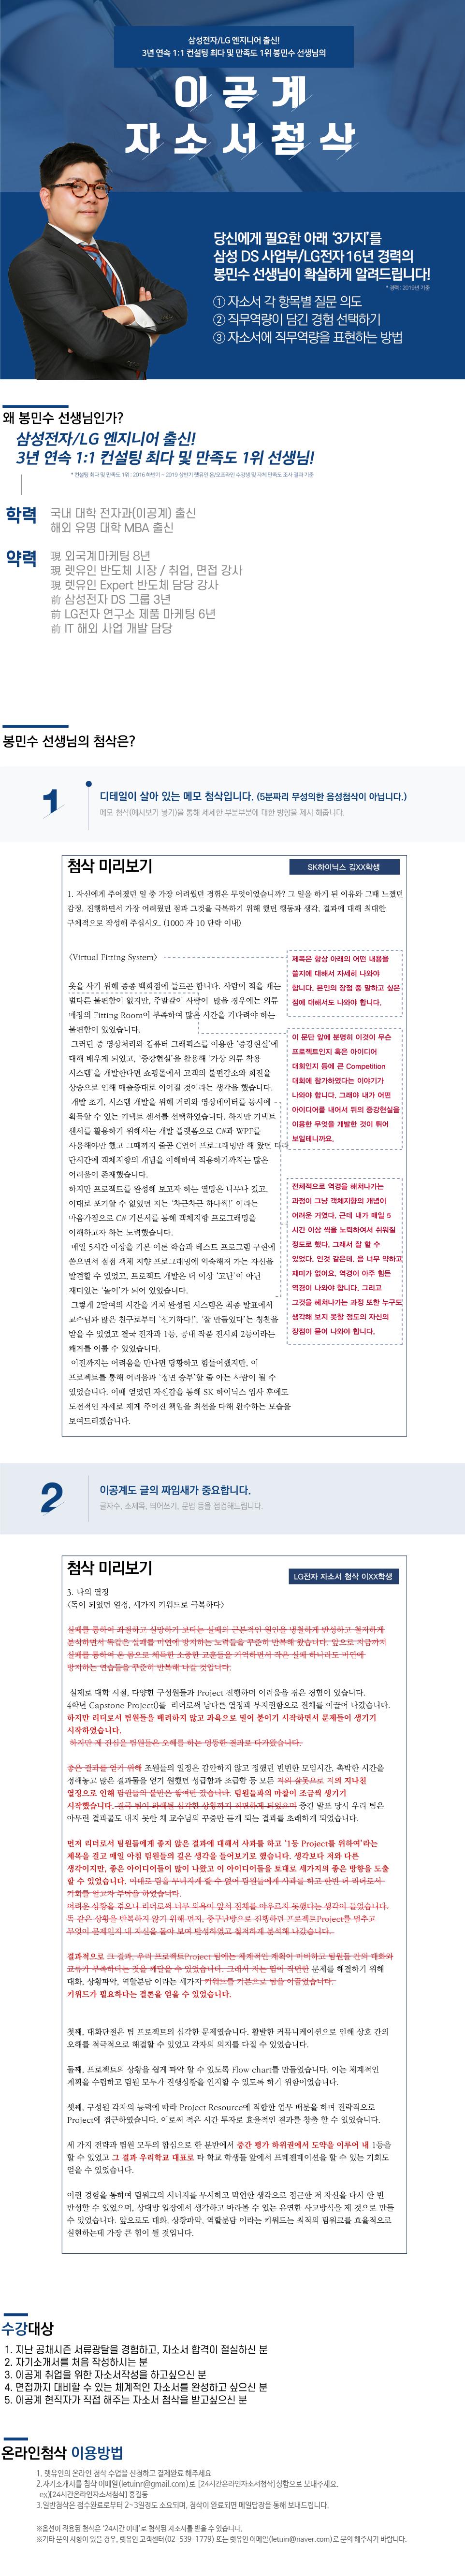 봉민수-자소서첨삭.png